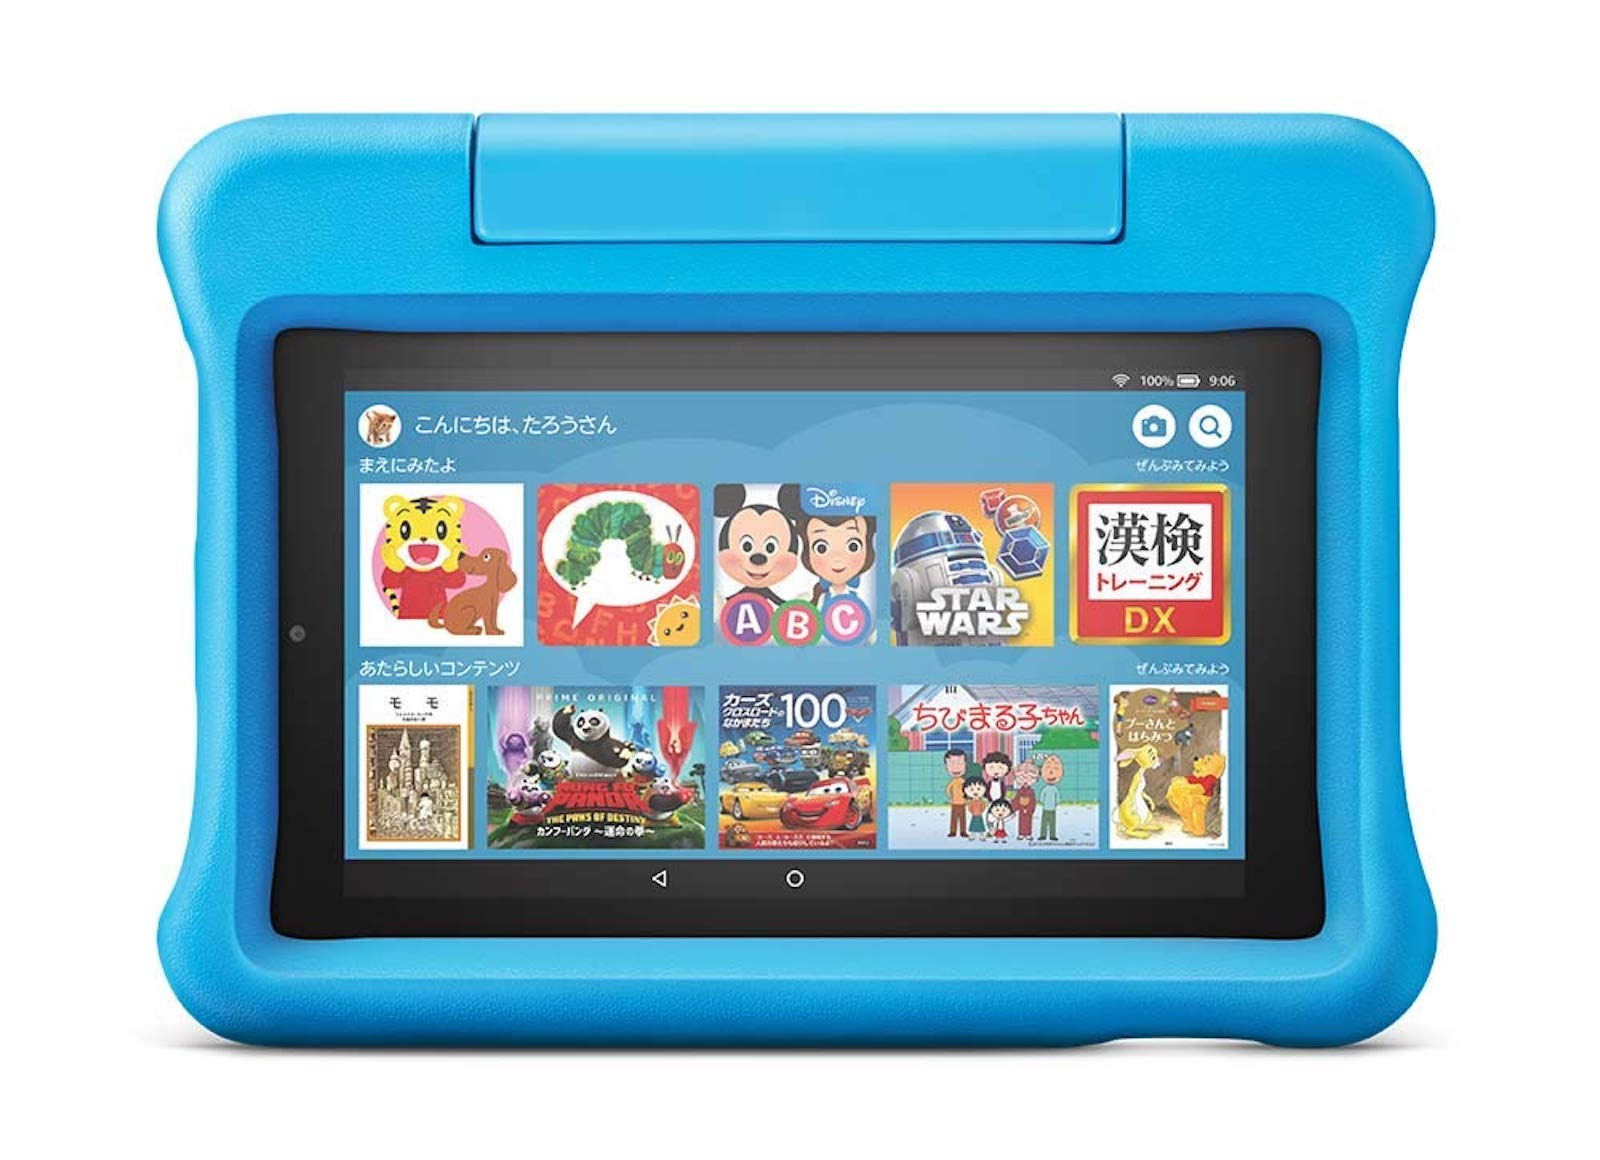 Kindle Tablet for kids